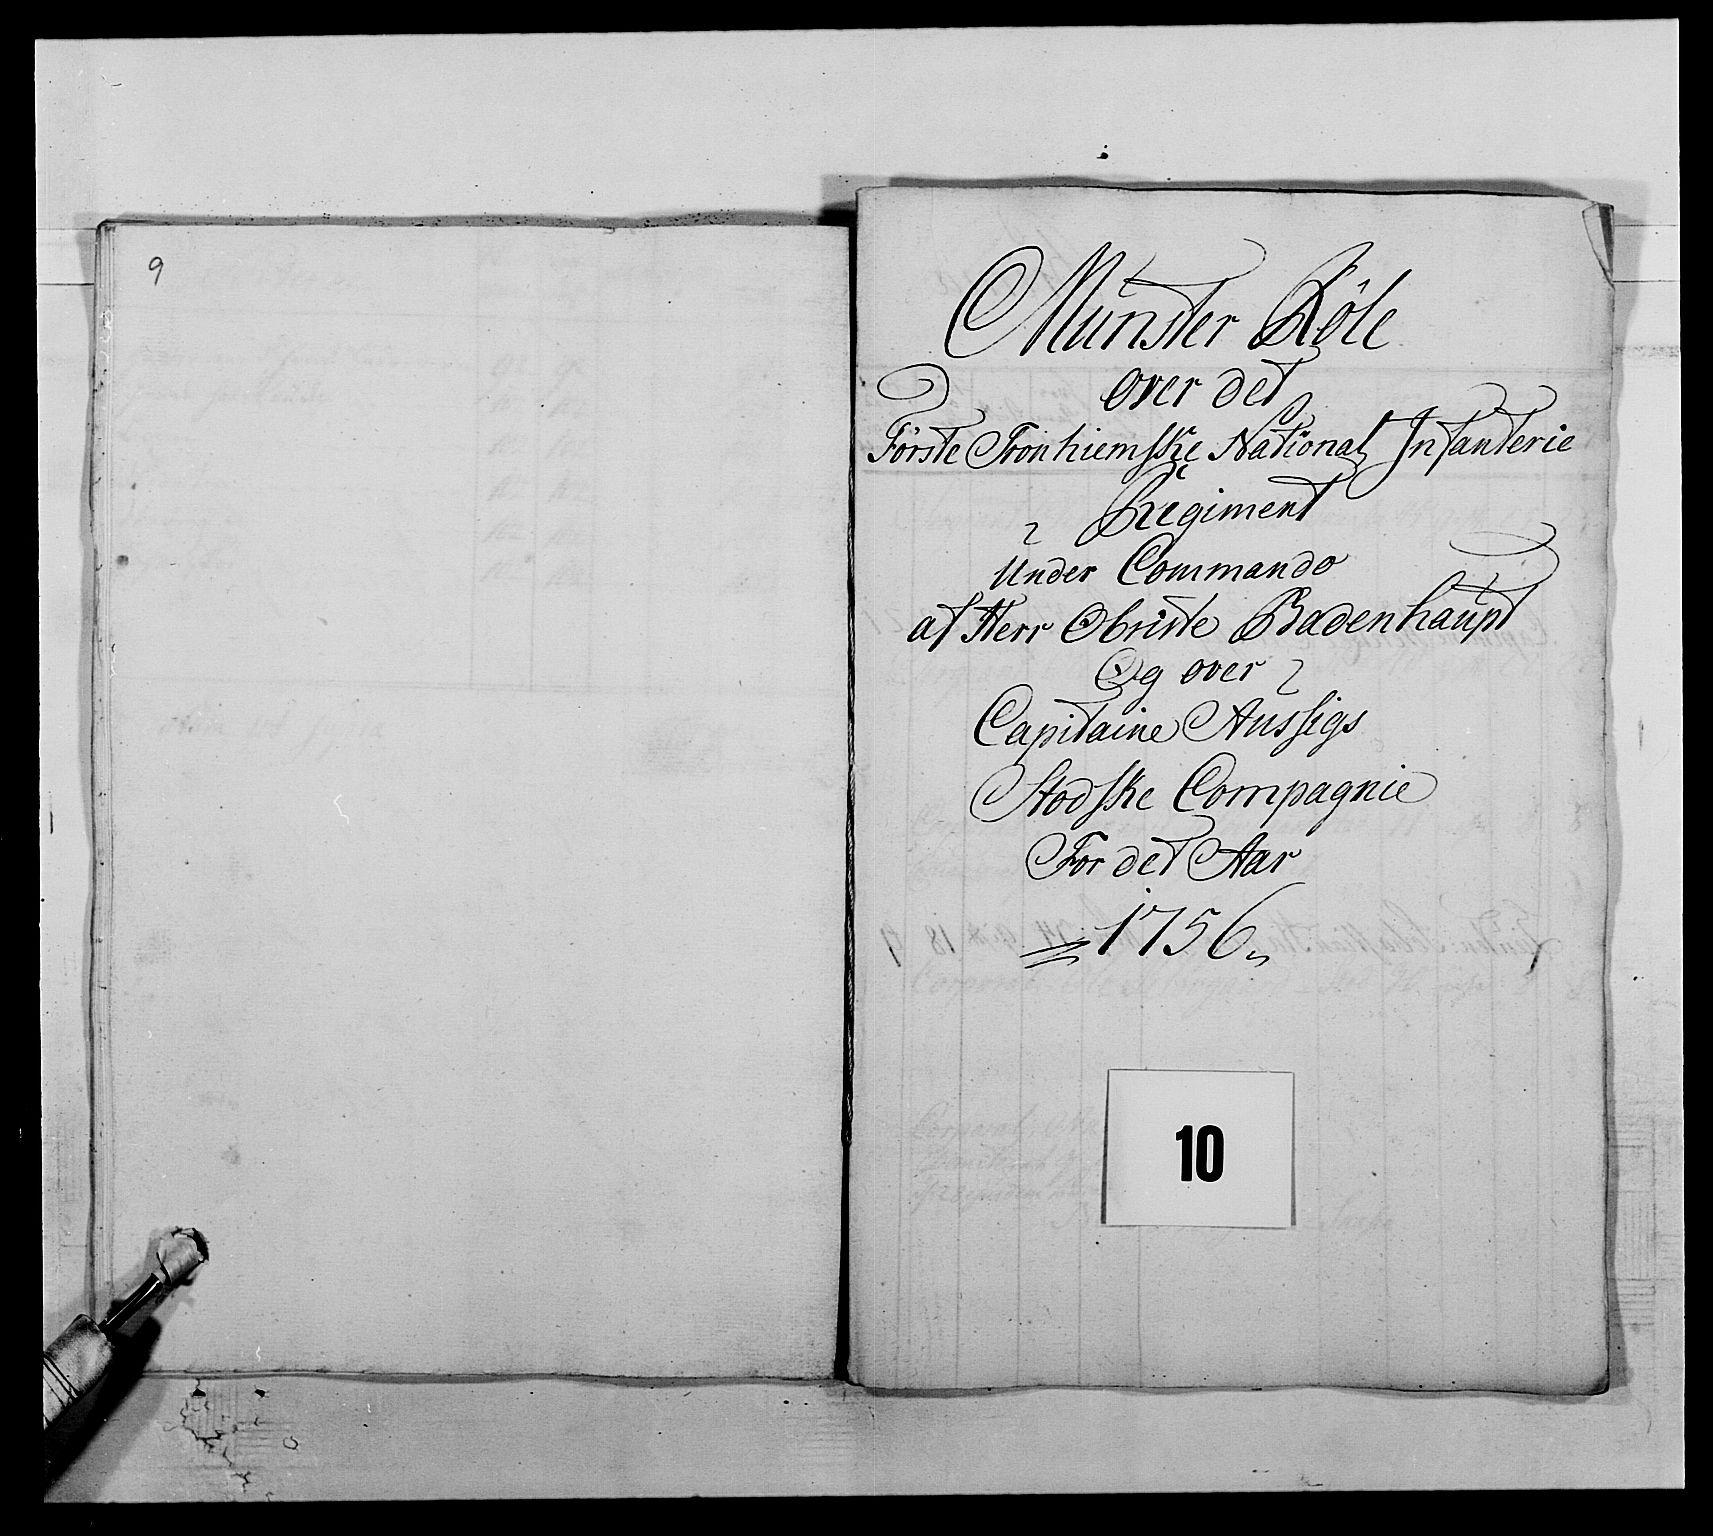 RA, Kommanderende general (KG I) med Det norske krigsdirektorium, E/Ea/L0510: 1. Trondheimske regiment, 1756-1765, s. 132